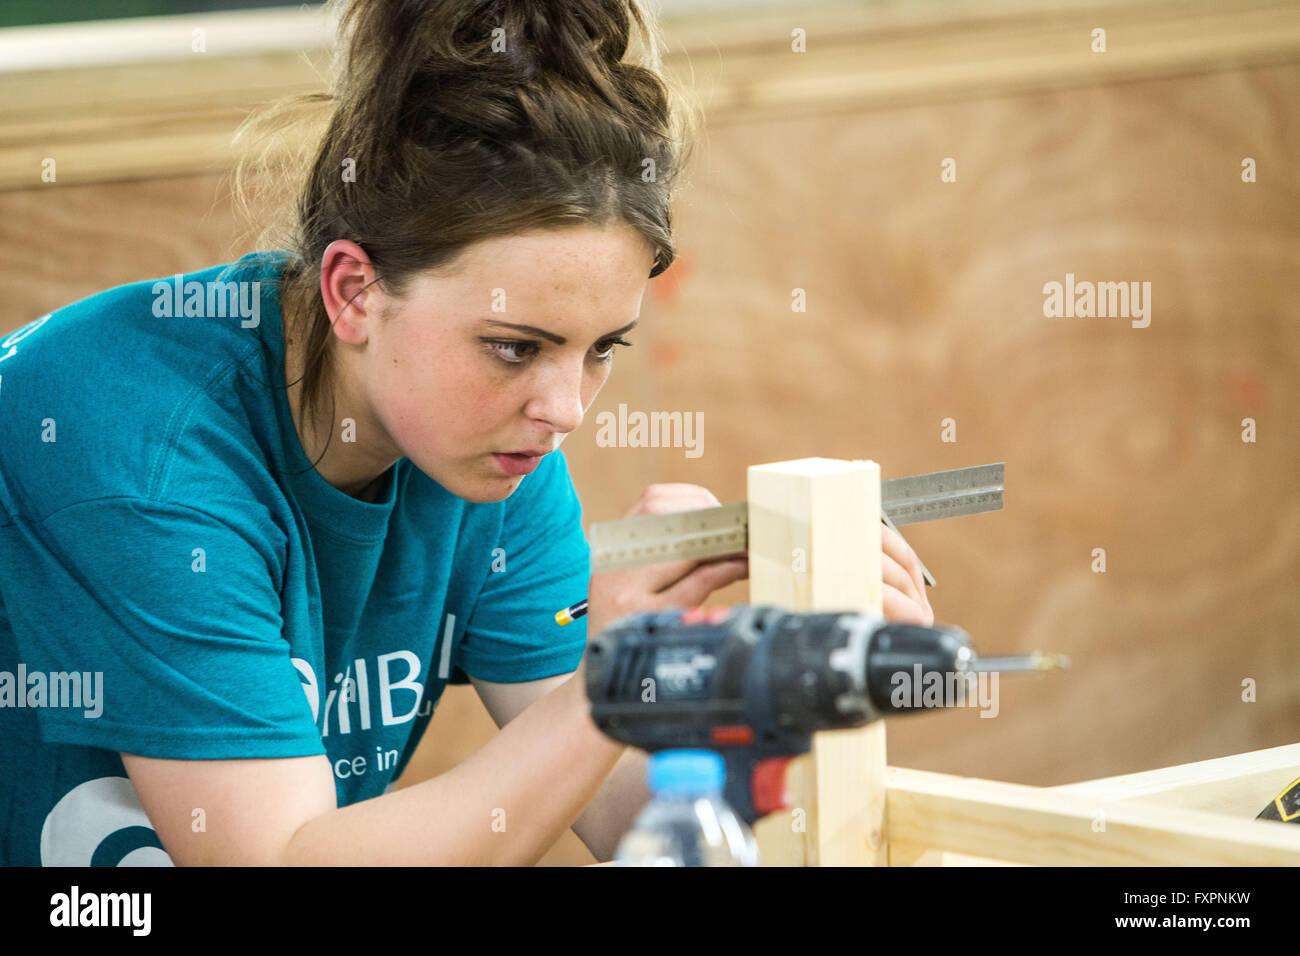 Weibliche Auszubildende im Bereich Maschinen- und Anlagenbau Stockbild